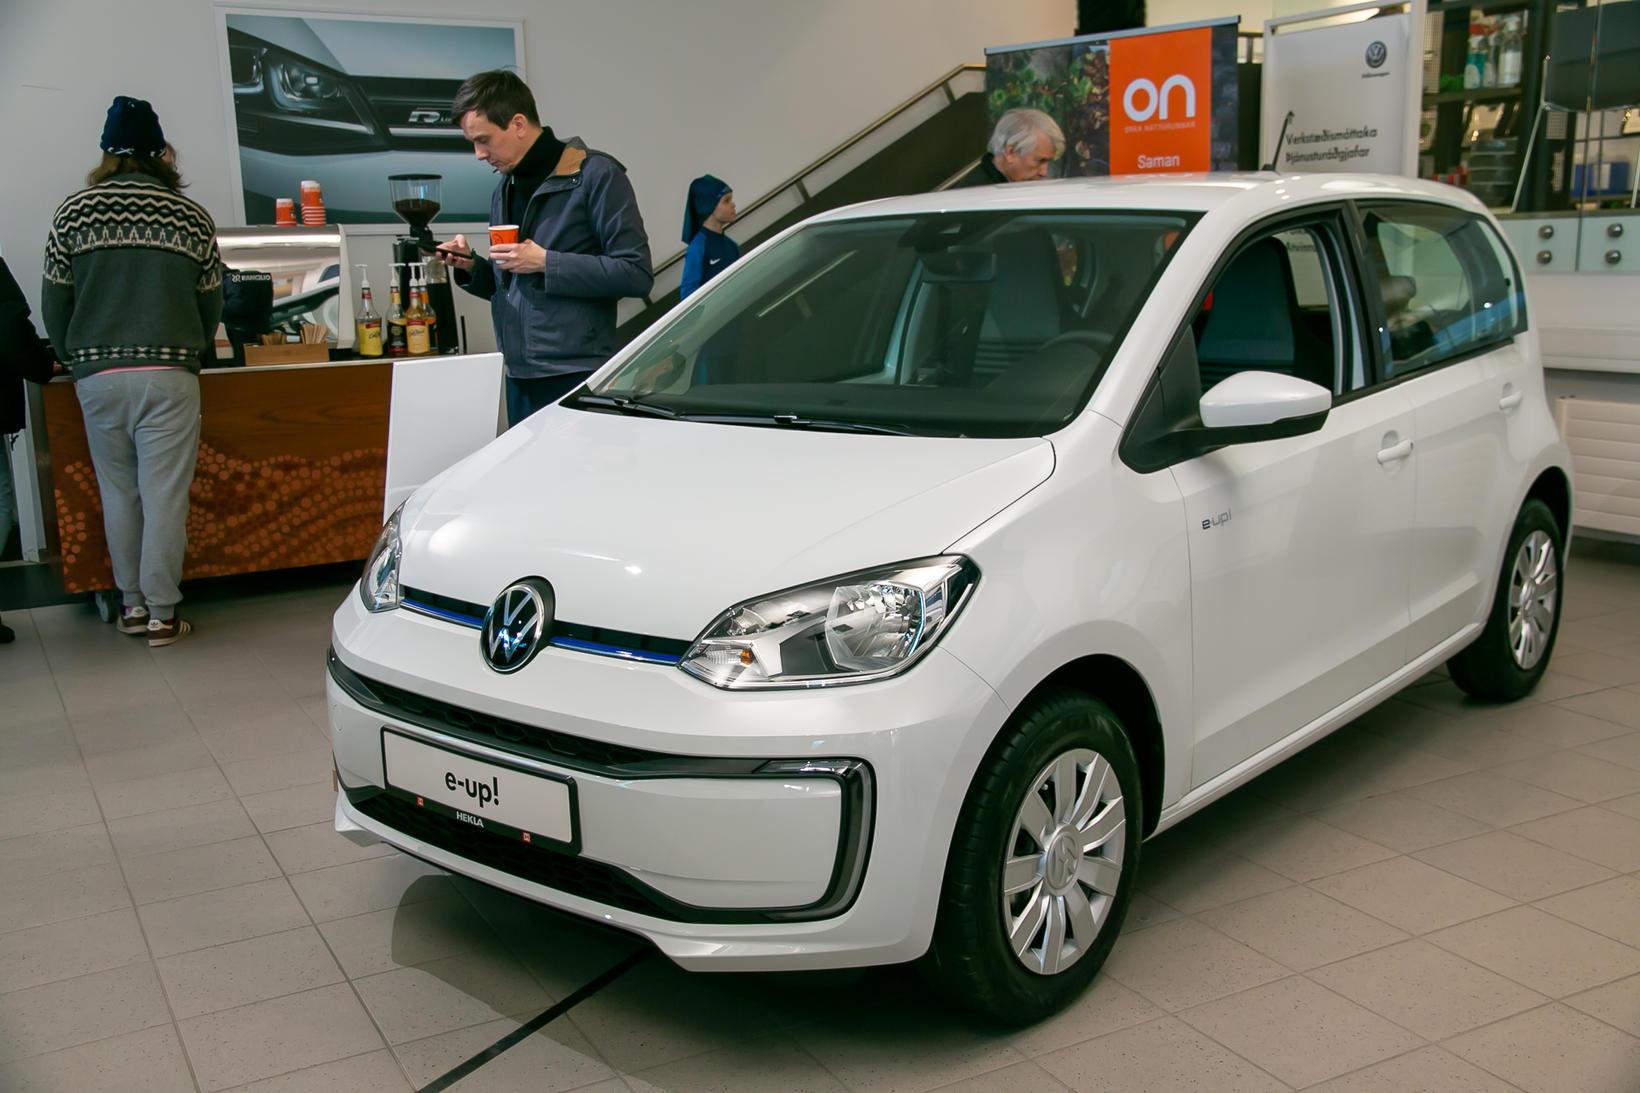 VW e-up! á stórsýningu Heklu um nýliðna helgi.